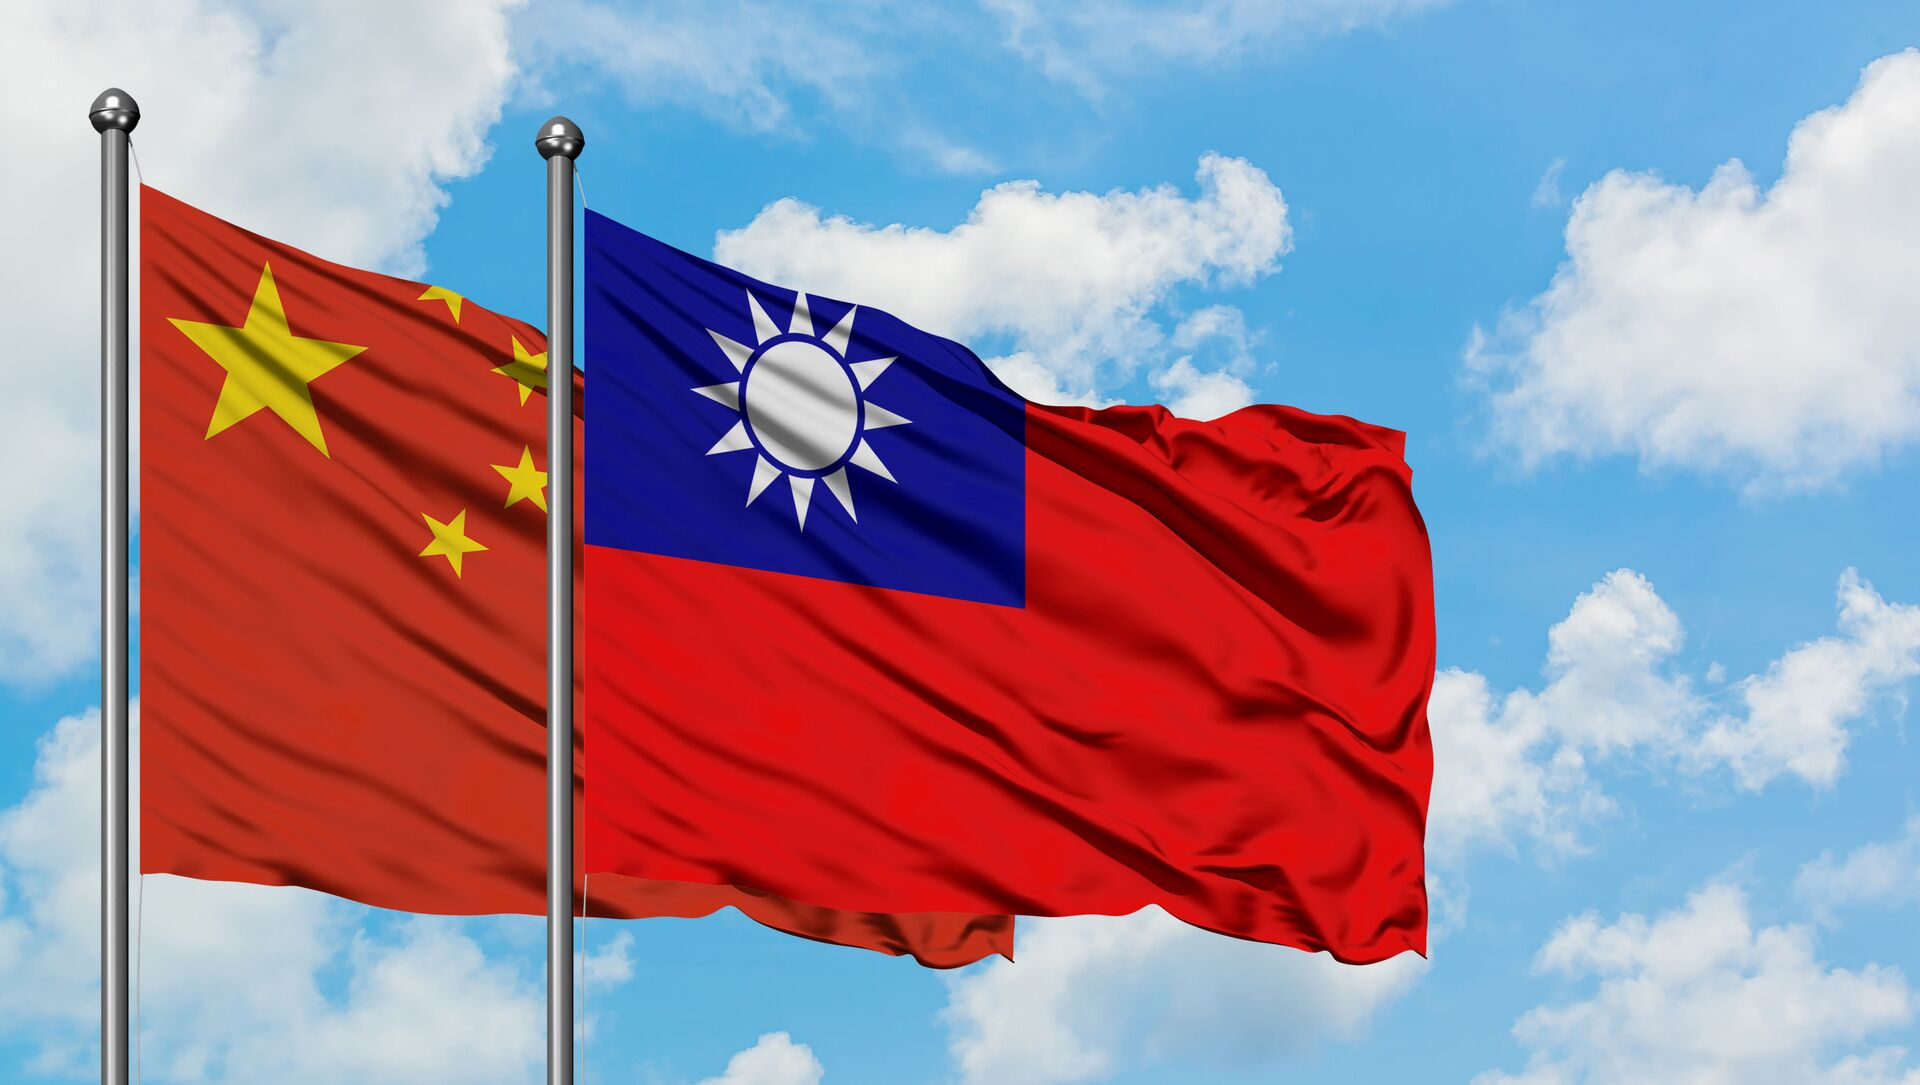 台湾と中国の国旗 - Sputnik 日本, 1920, 23.09.2021